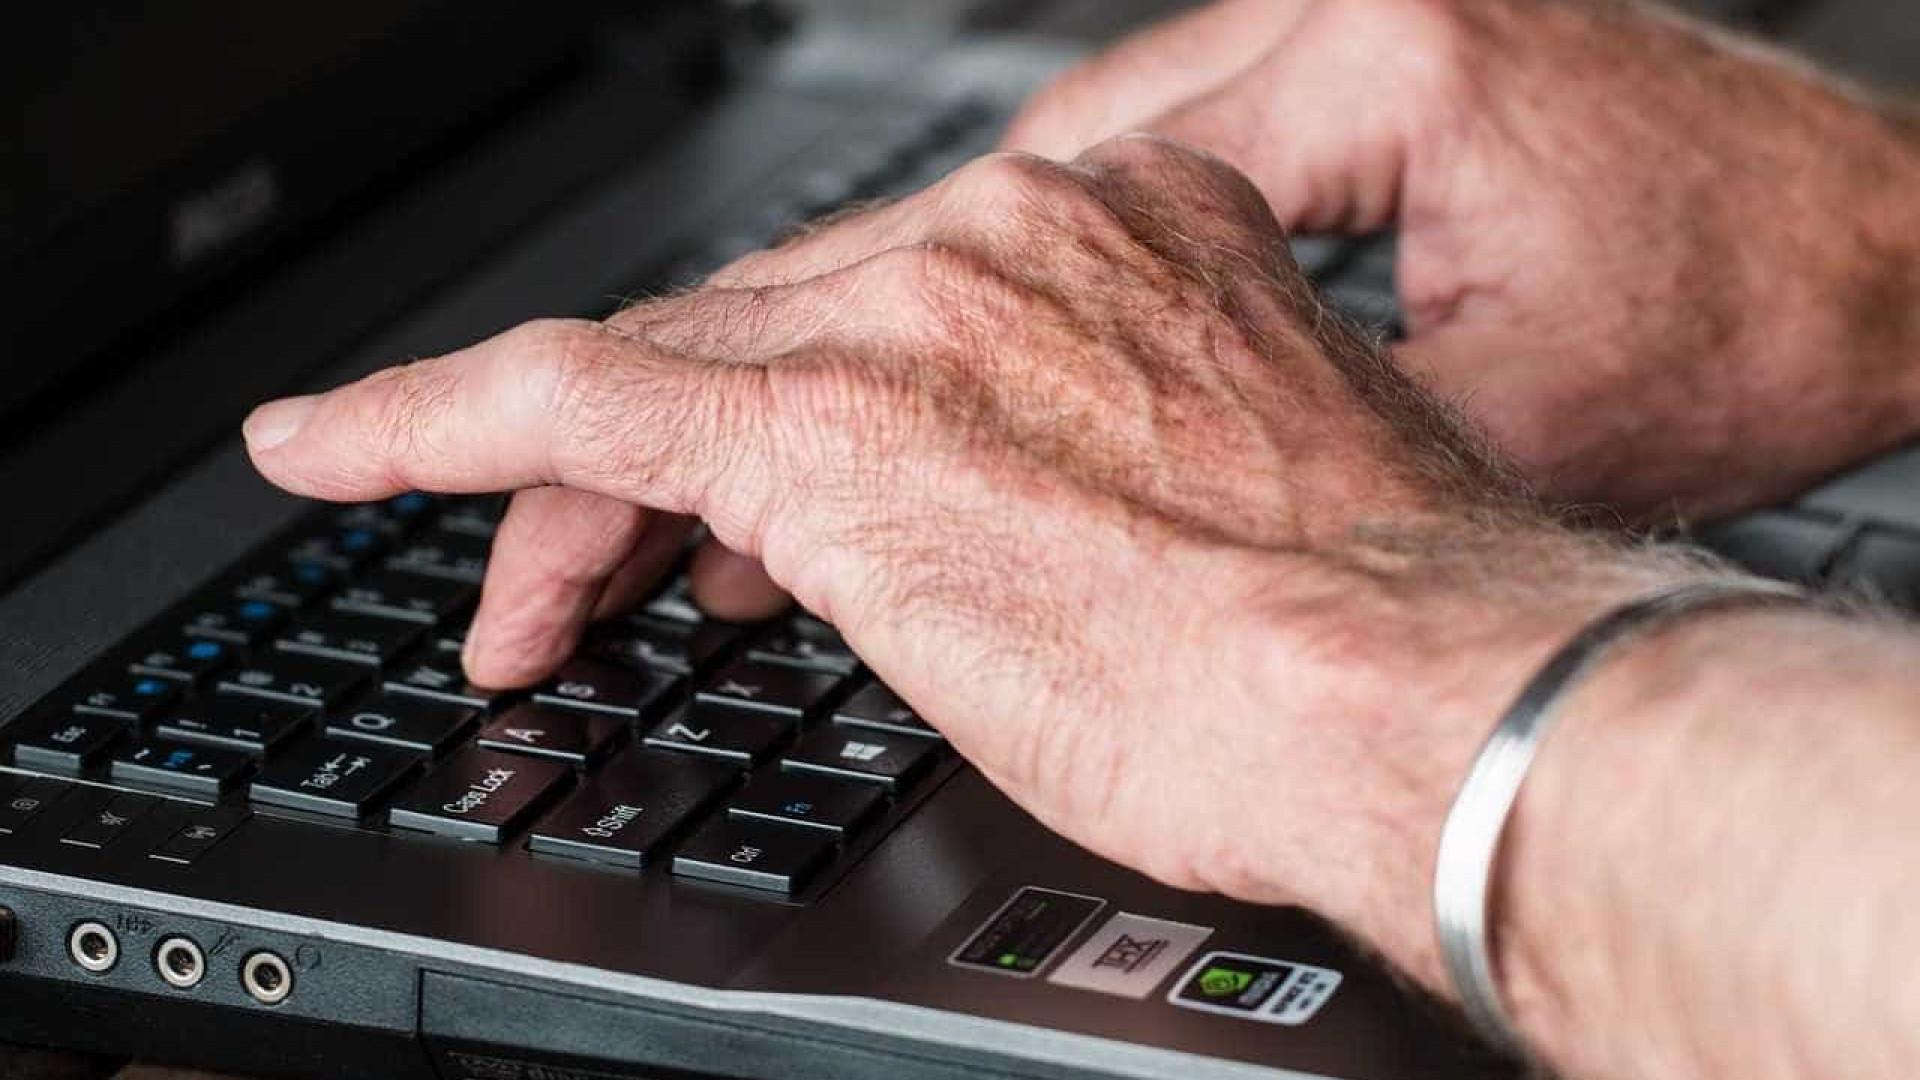 Idosos usam internet para combater solidão, diz pesquisa